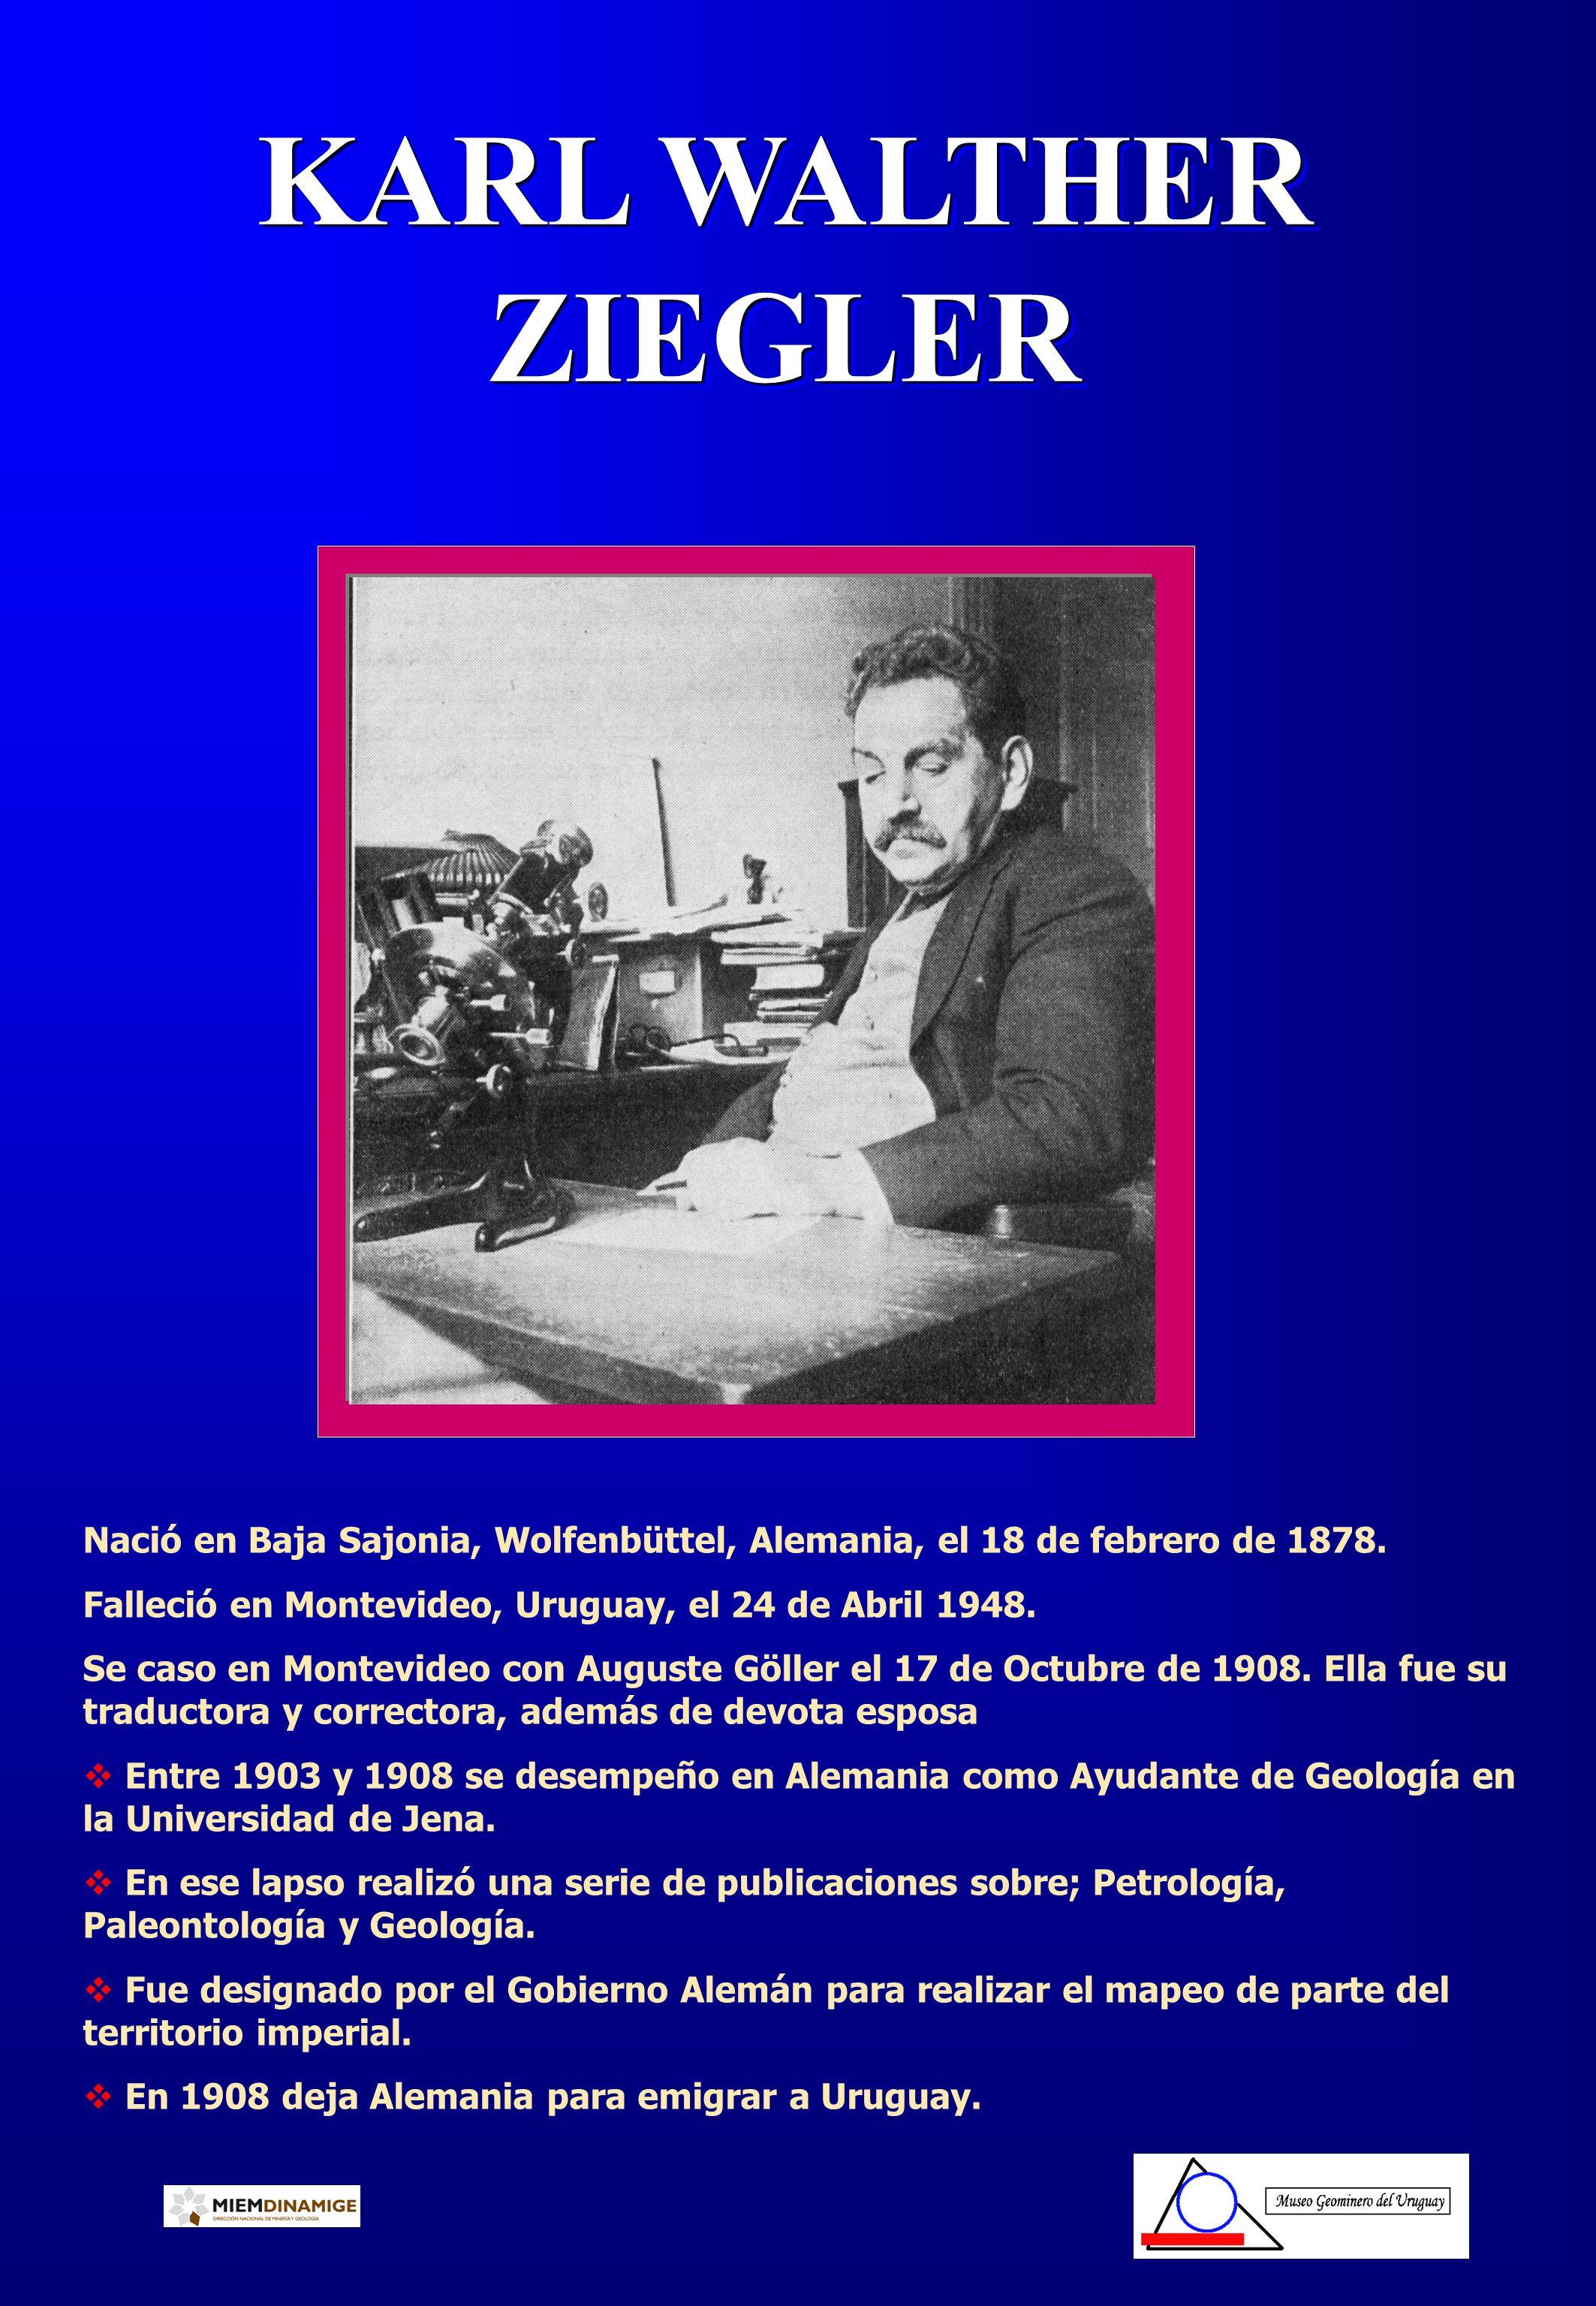 KARL WALTHER ZIEGLER Nació en Baja Sajonia, Wolfenbüttel, Alemania, el 18 de febrero de 1878. Falleció en Montevideo, Uruguay, el 24 de Abril 1948. Se